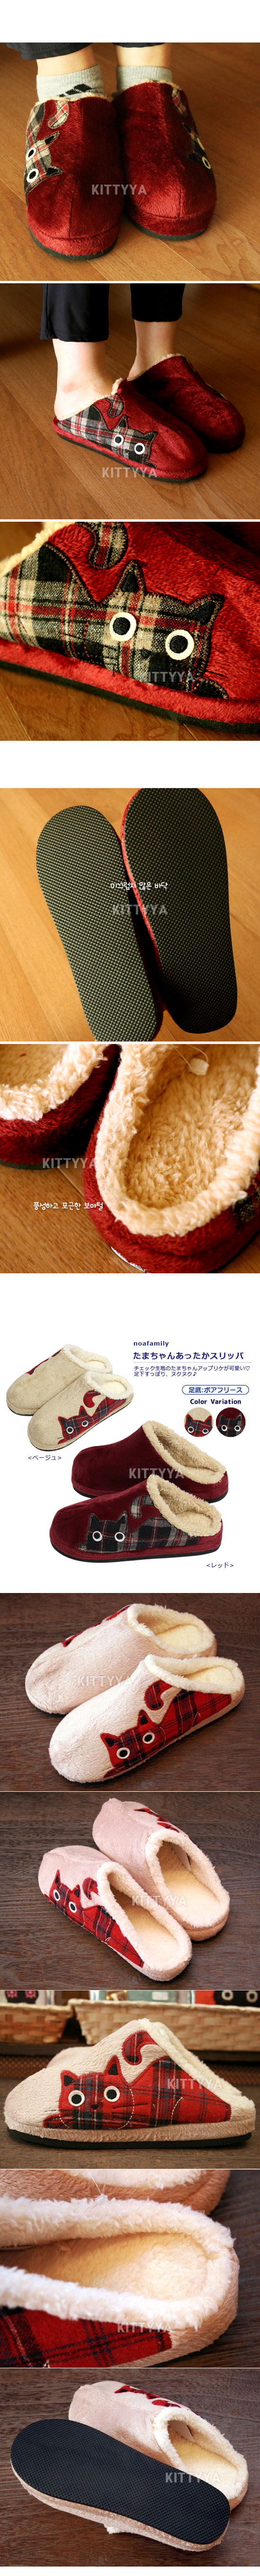 노아패밀리 룸슈즈 거실화 (2color) - 키티야, 33,490원, 슬리퍼/거실화, 캐릭터